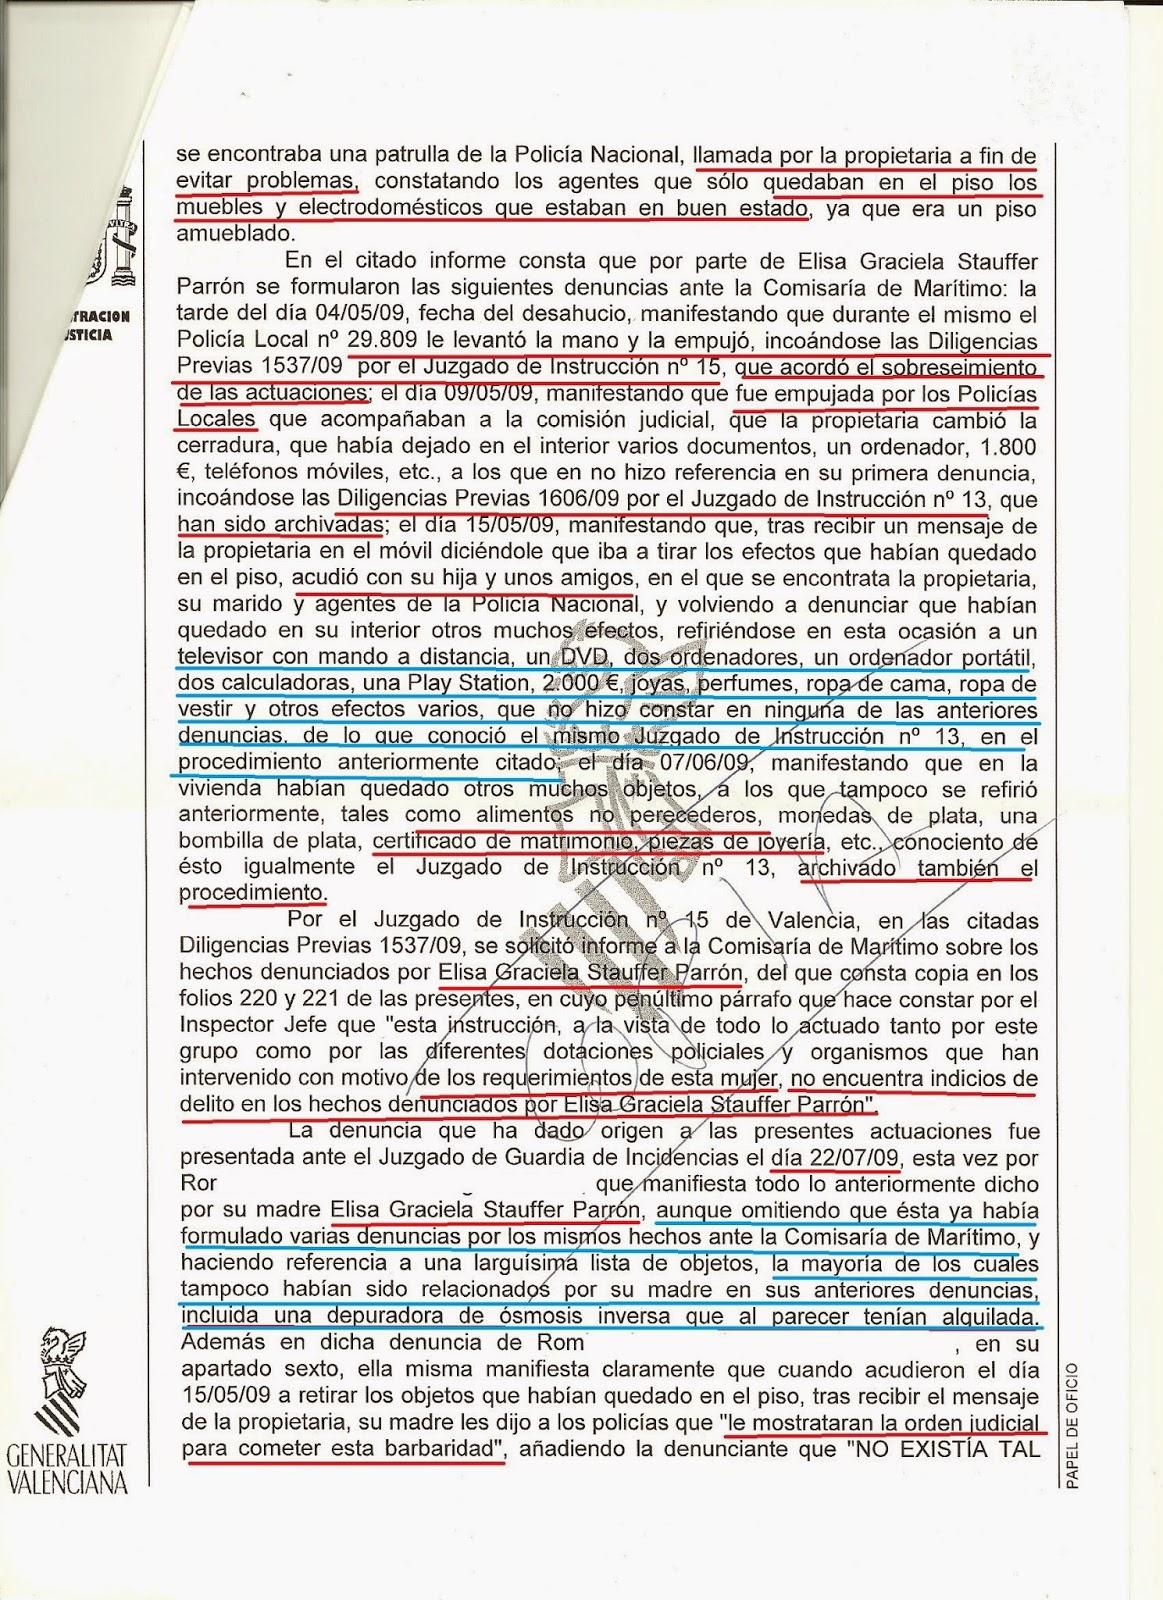 MÁS SOBRE EL CASO DE LA SRA. STAUFFER: agosto 2014